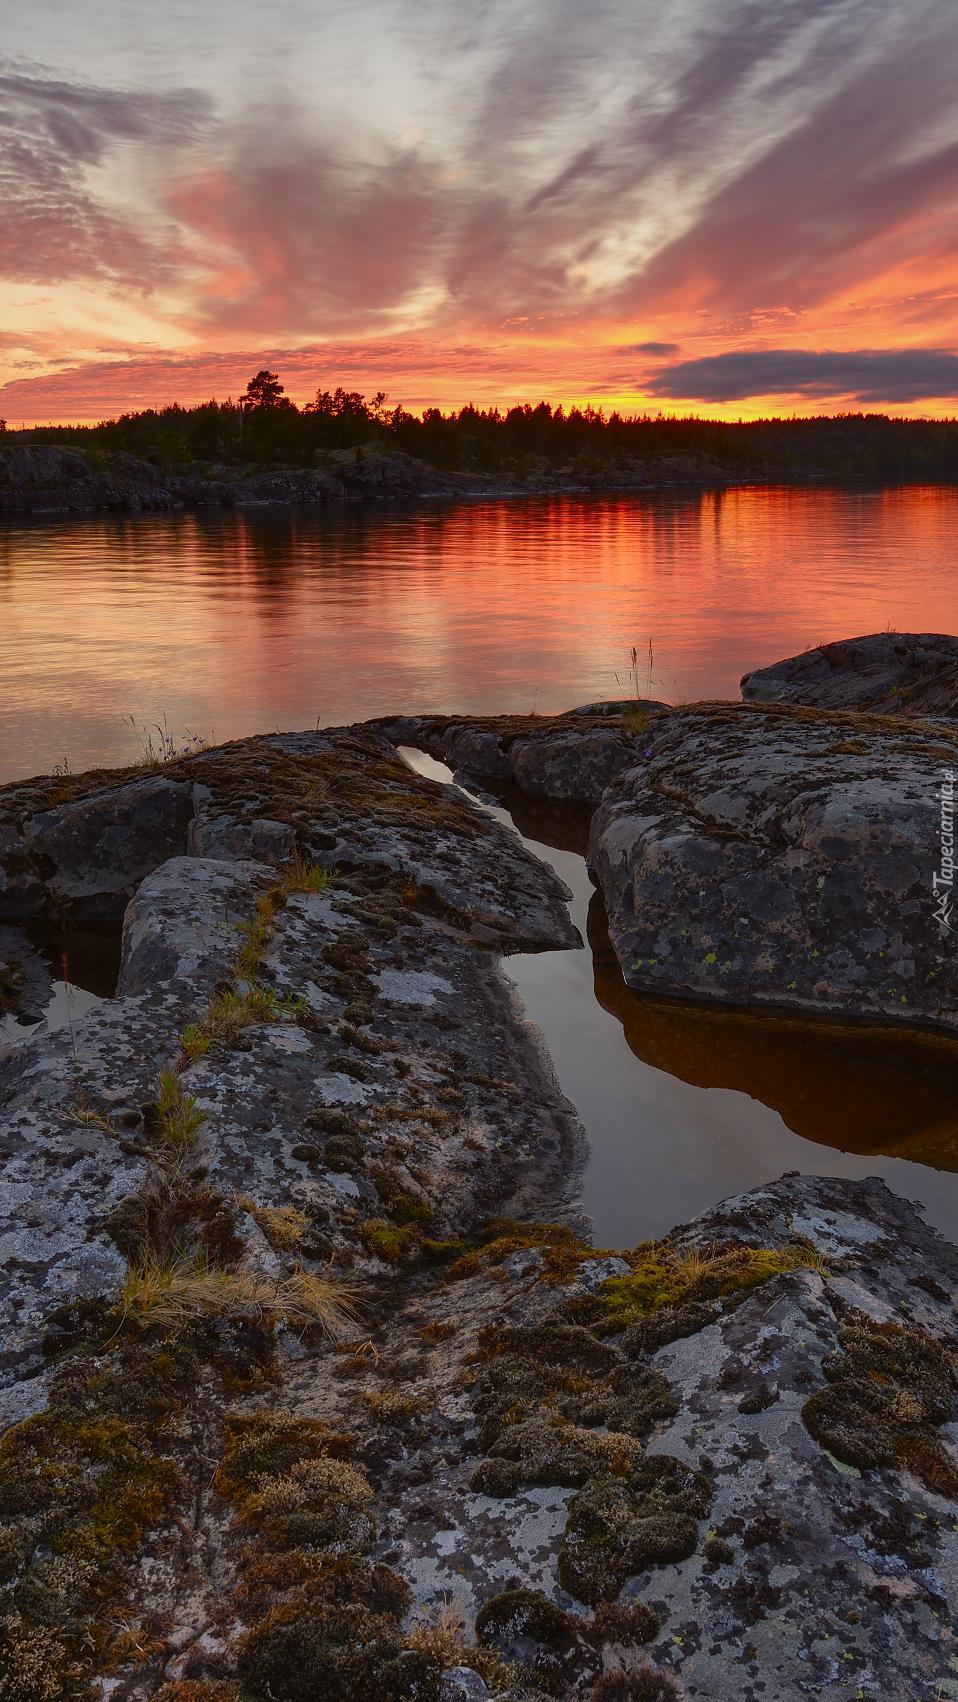 Jezioro Ładoga o zachodzie słońca